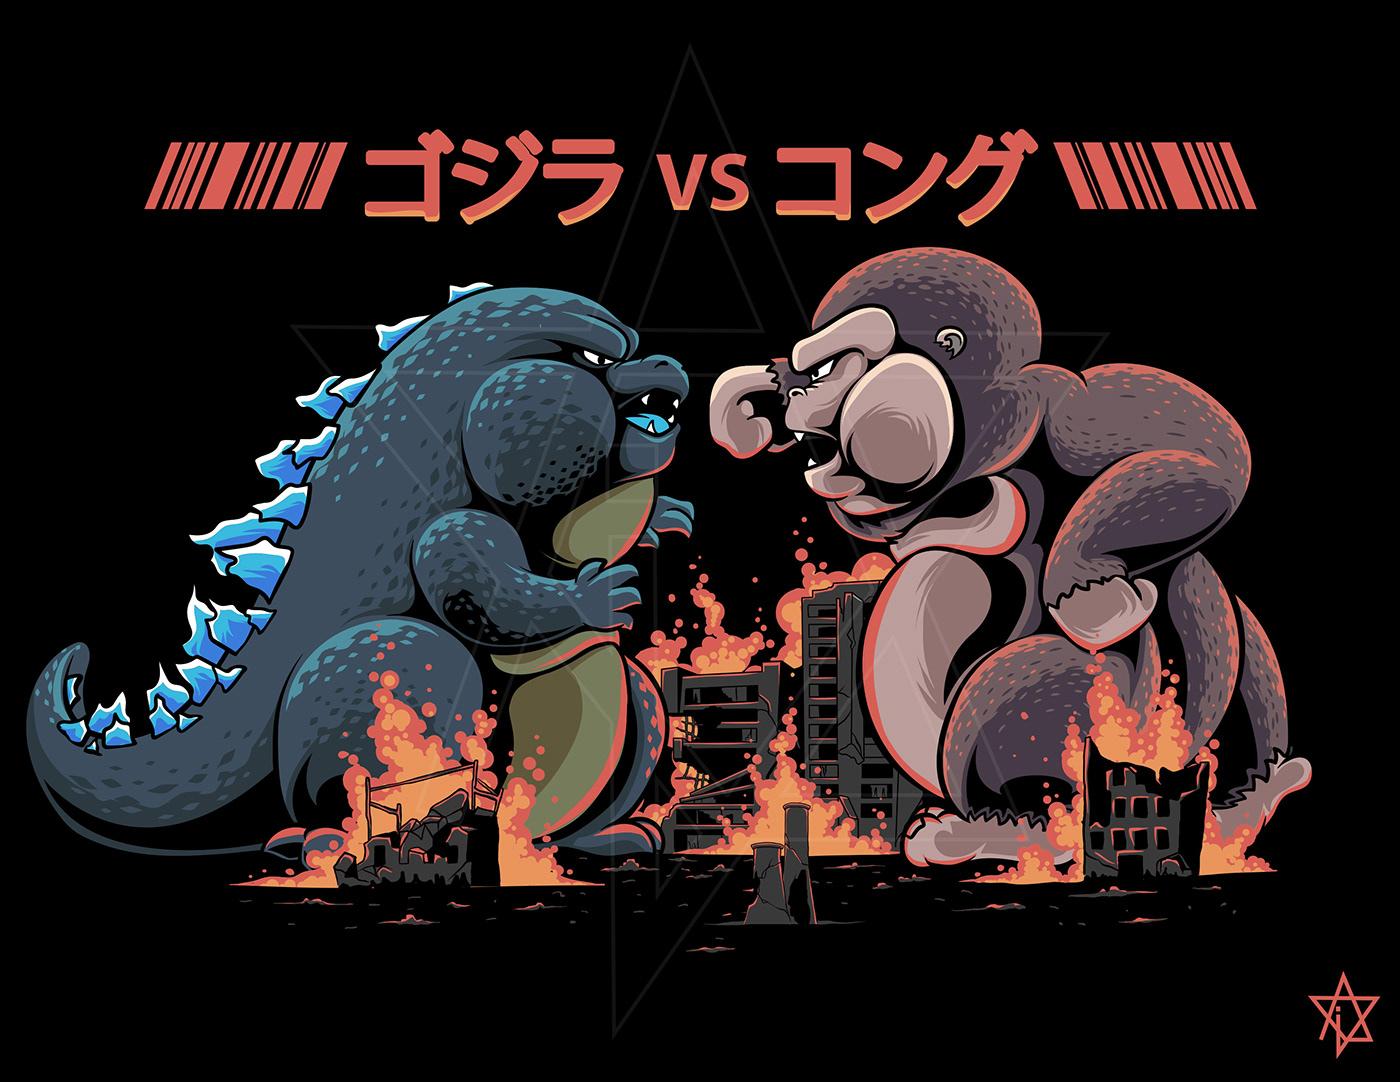 chibi,godzilla,Godzilla vs Kong,ILLUSTRATION ,kong,vector